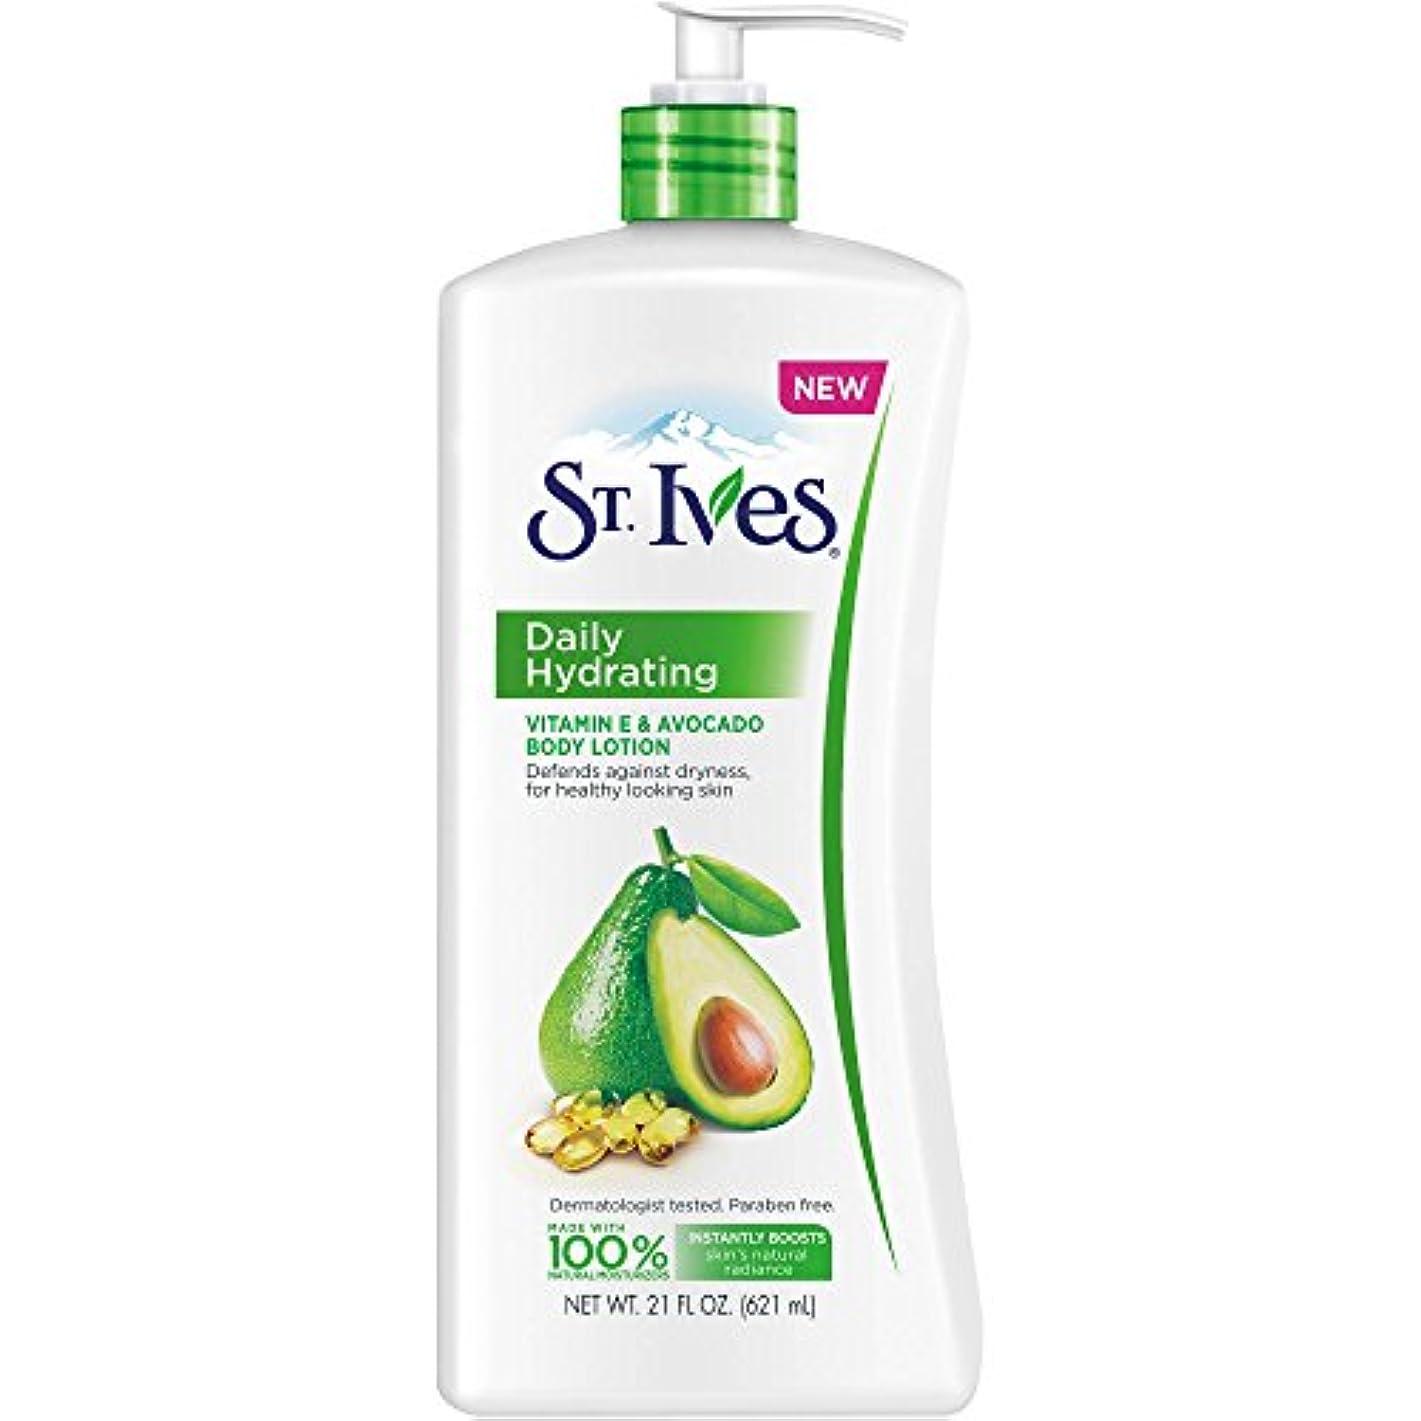 祭司探す苦悩St. Ives Daily Hydrating Vitamin E and Avocado Body Lotion [並行輸入品]